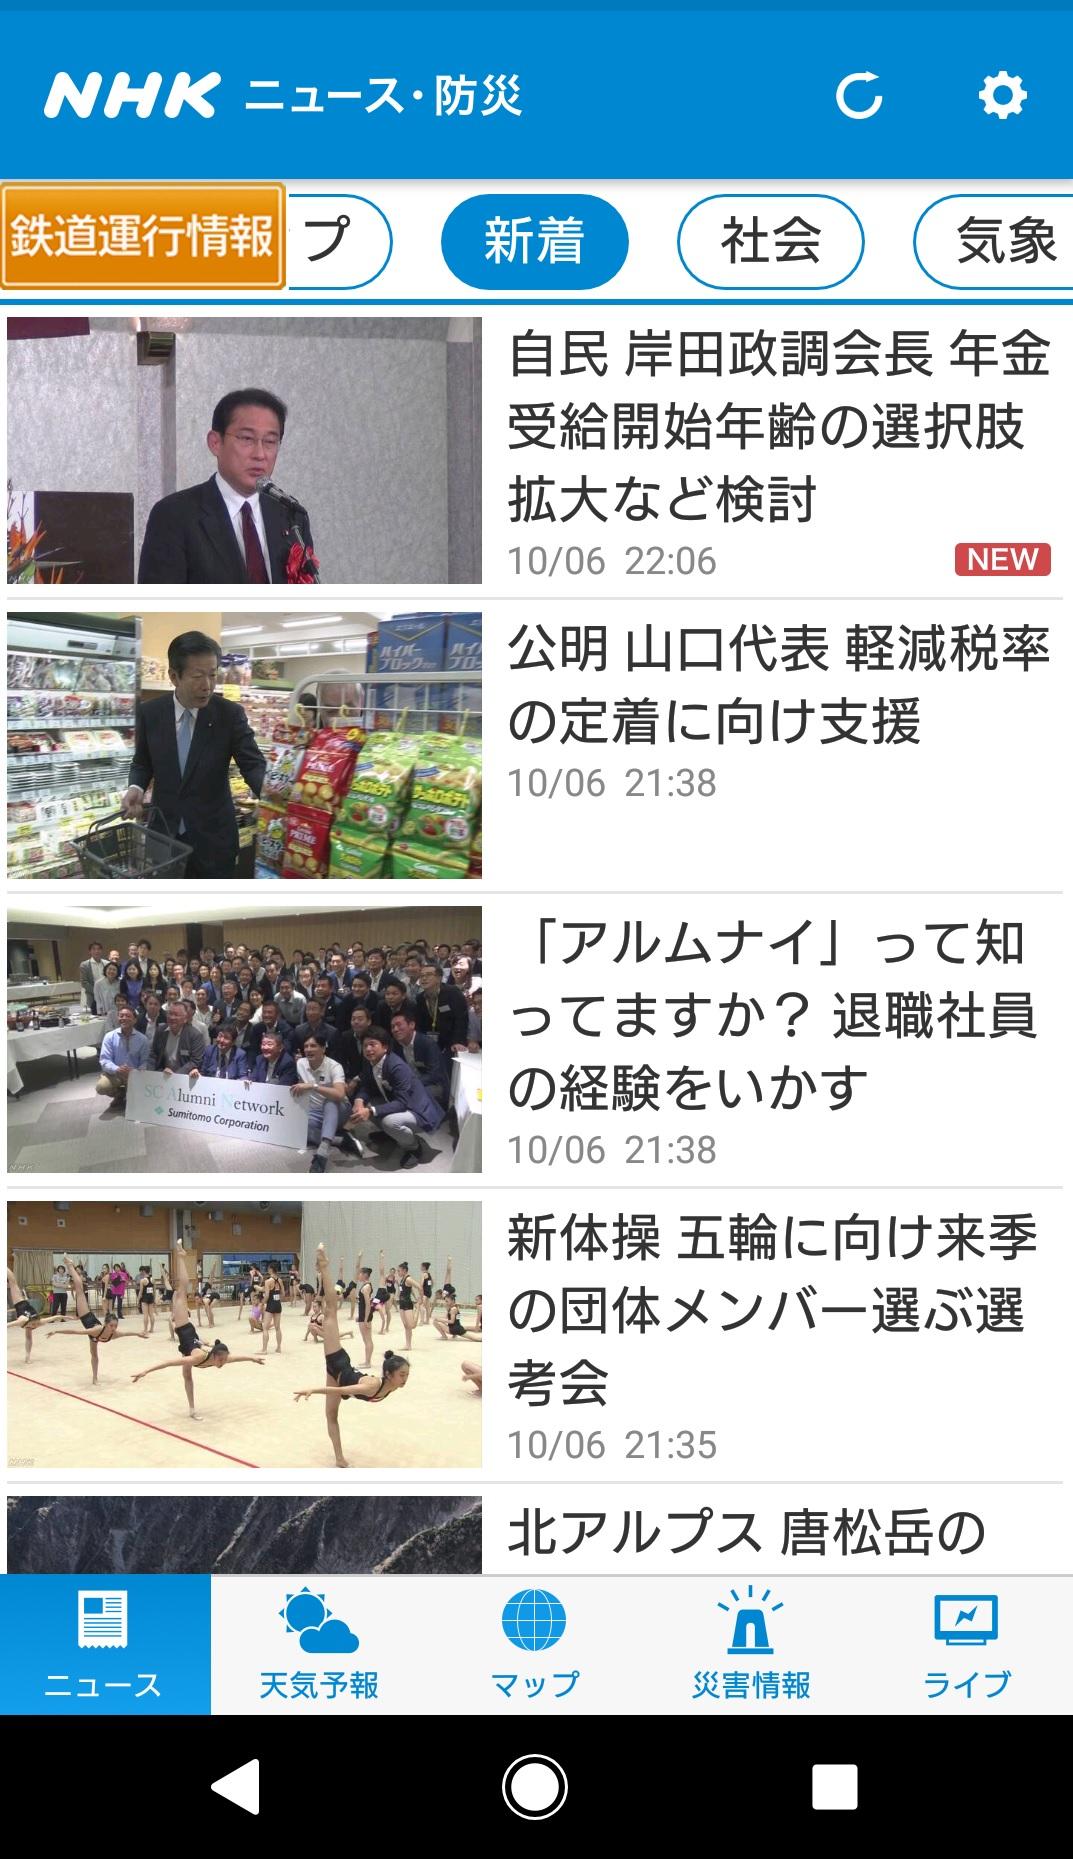 NHK-5.jpg